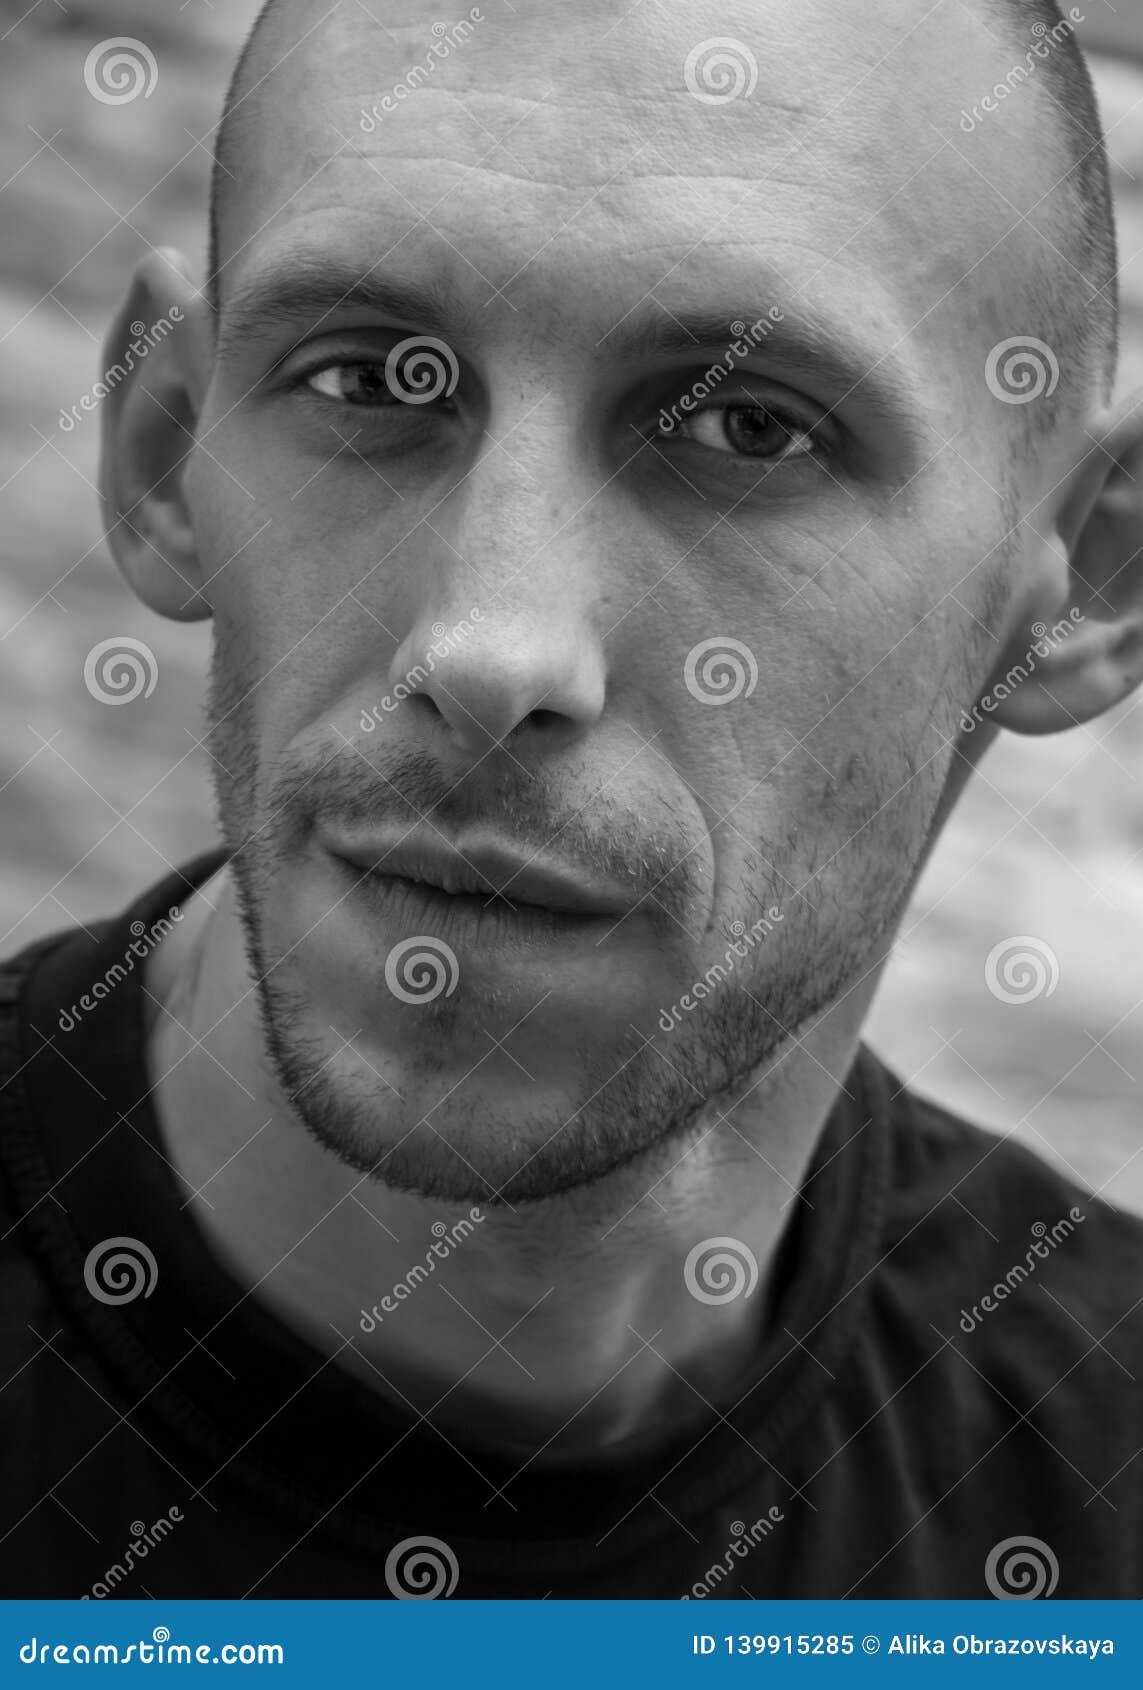 Closeupstående av en skallig man med ett leende och ett brutalt utseende i svartvitt